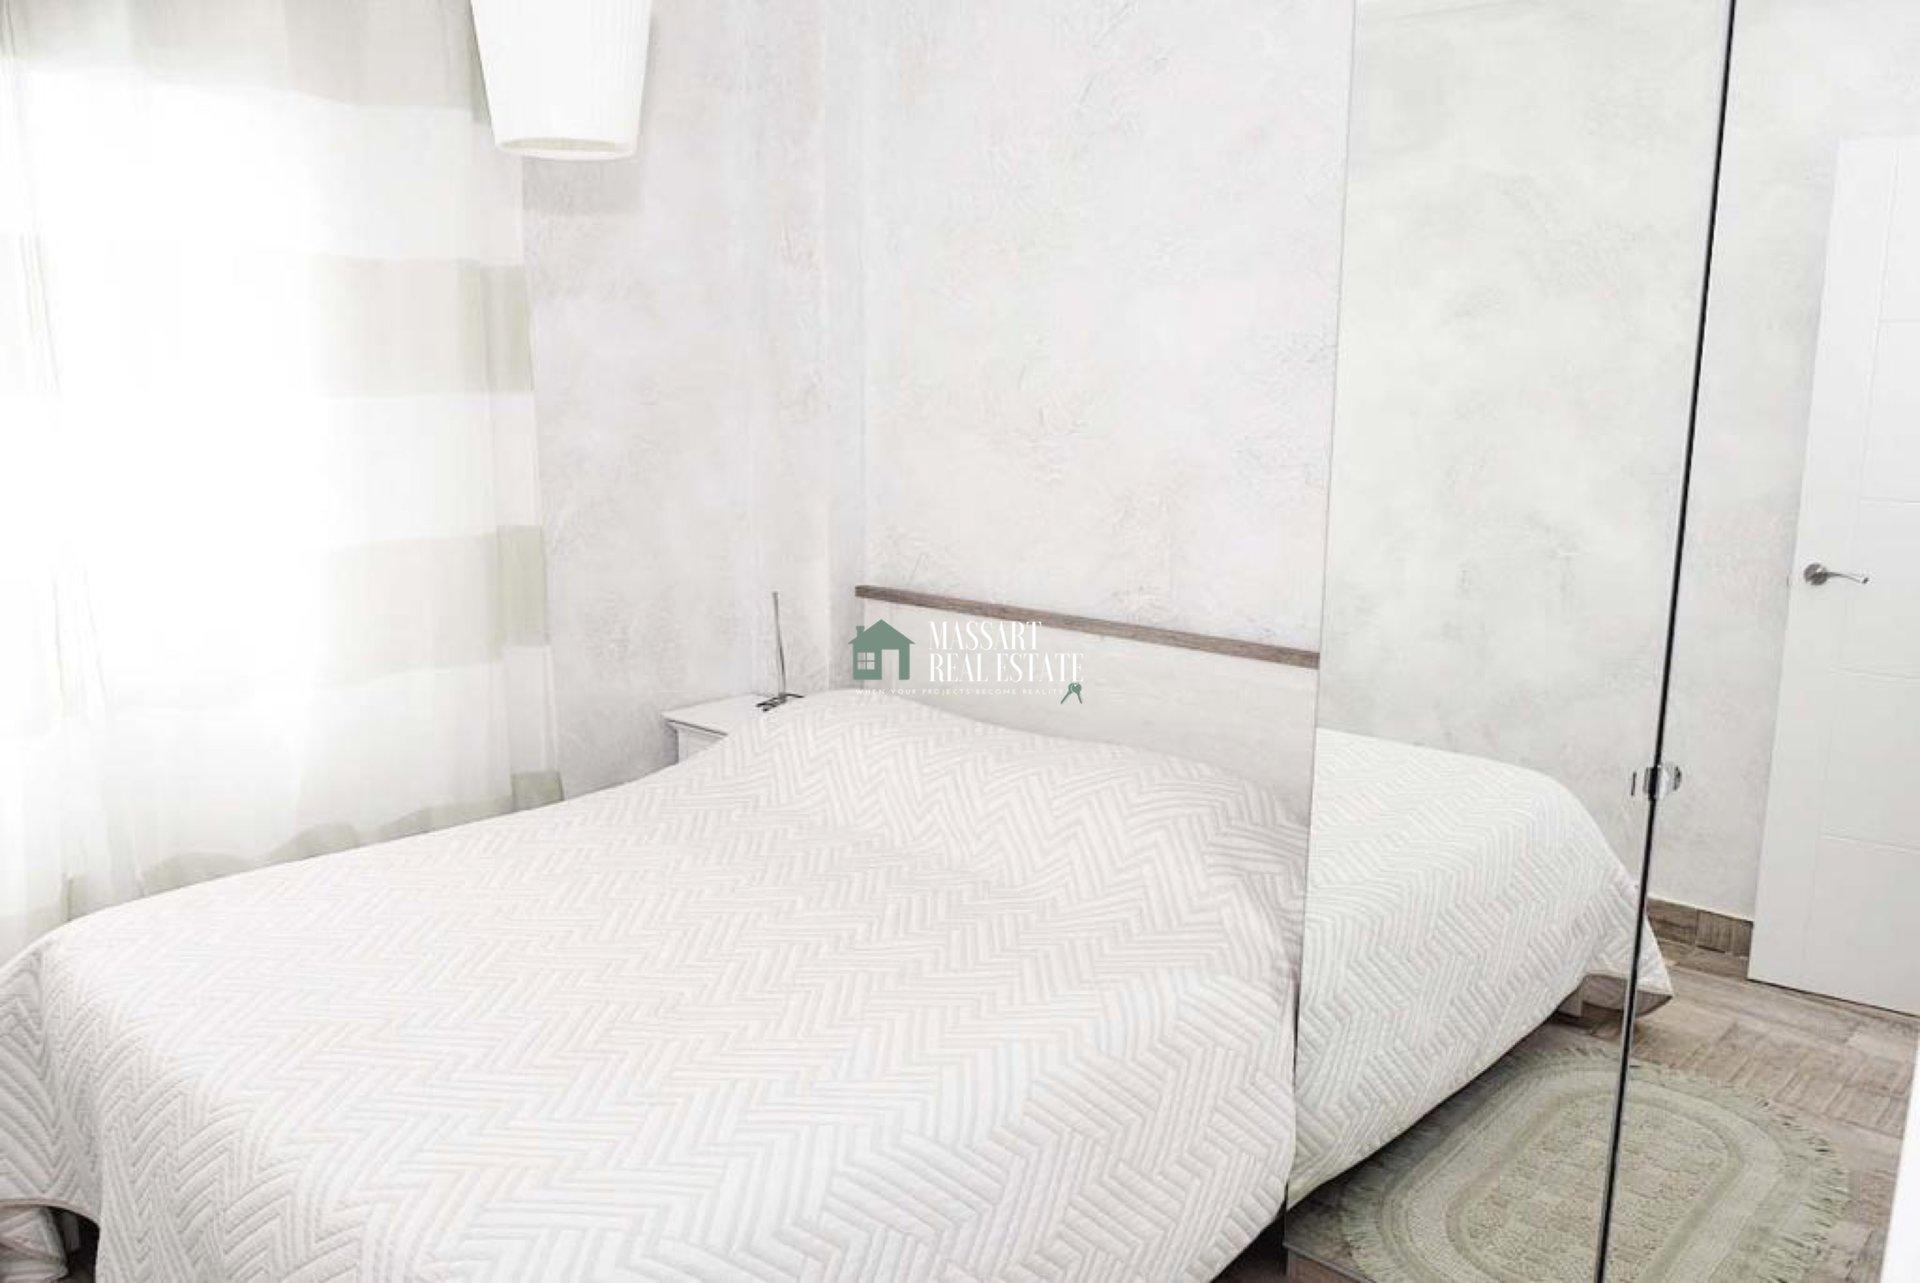 Wir präsentieren Ihnen heute diese wunderbare Wohnung zum Verkauf im Zentrum von Los Cristianos, in der Wohnanlage Cristimar. Ganz in der Nähe des Strandes!